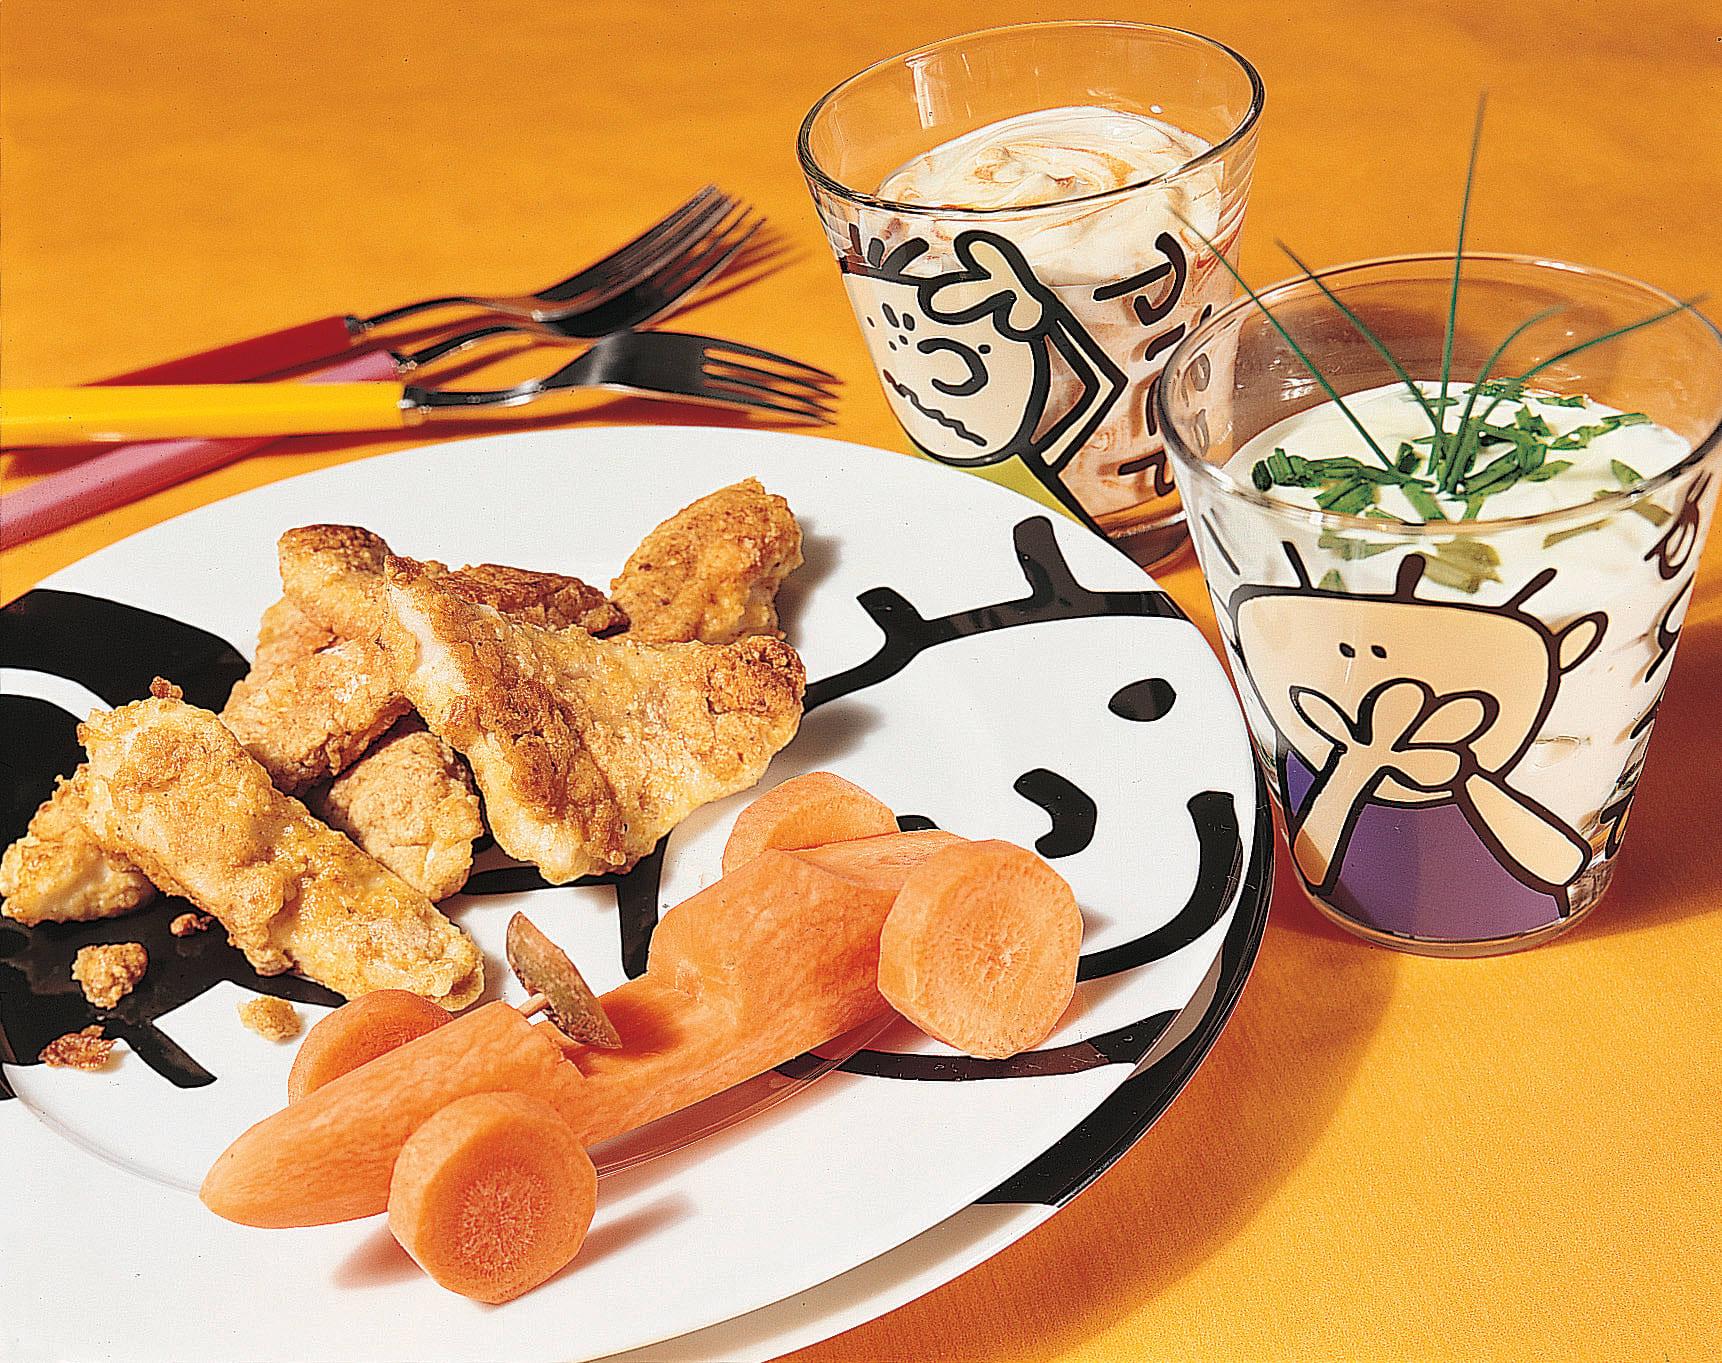 Poisson croustillant légumes fantaisie et sauces dip